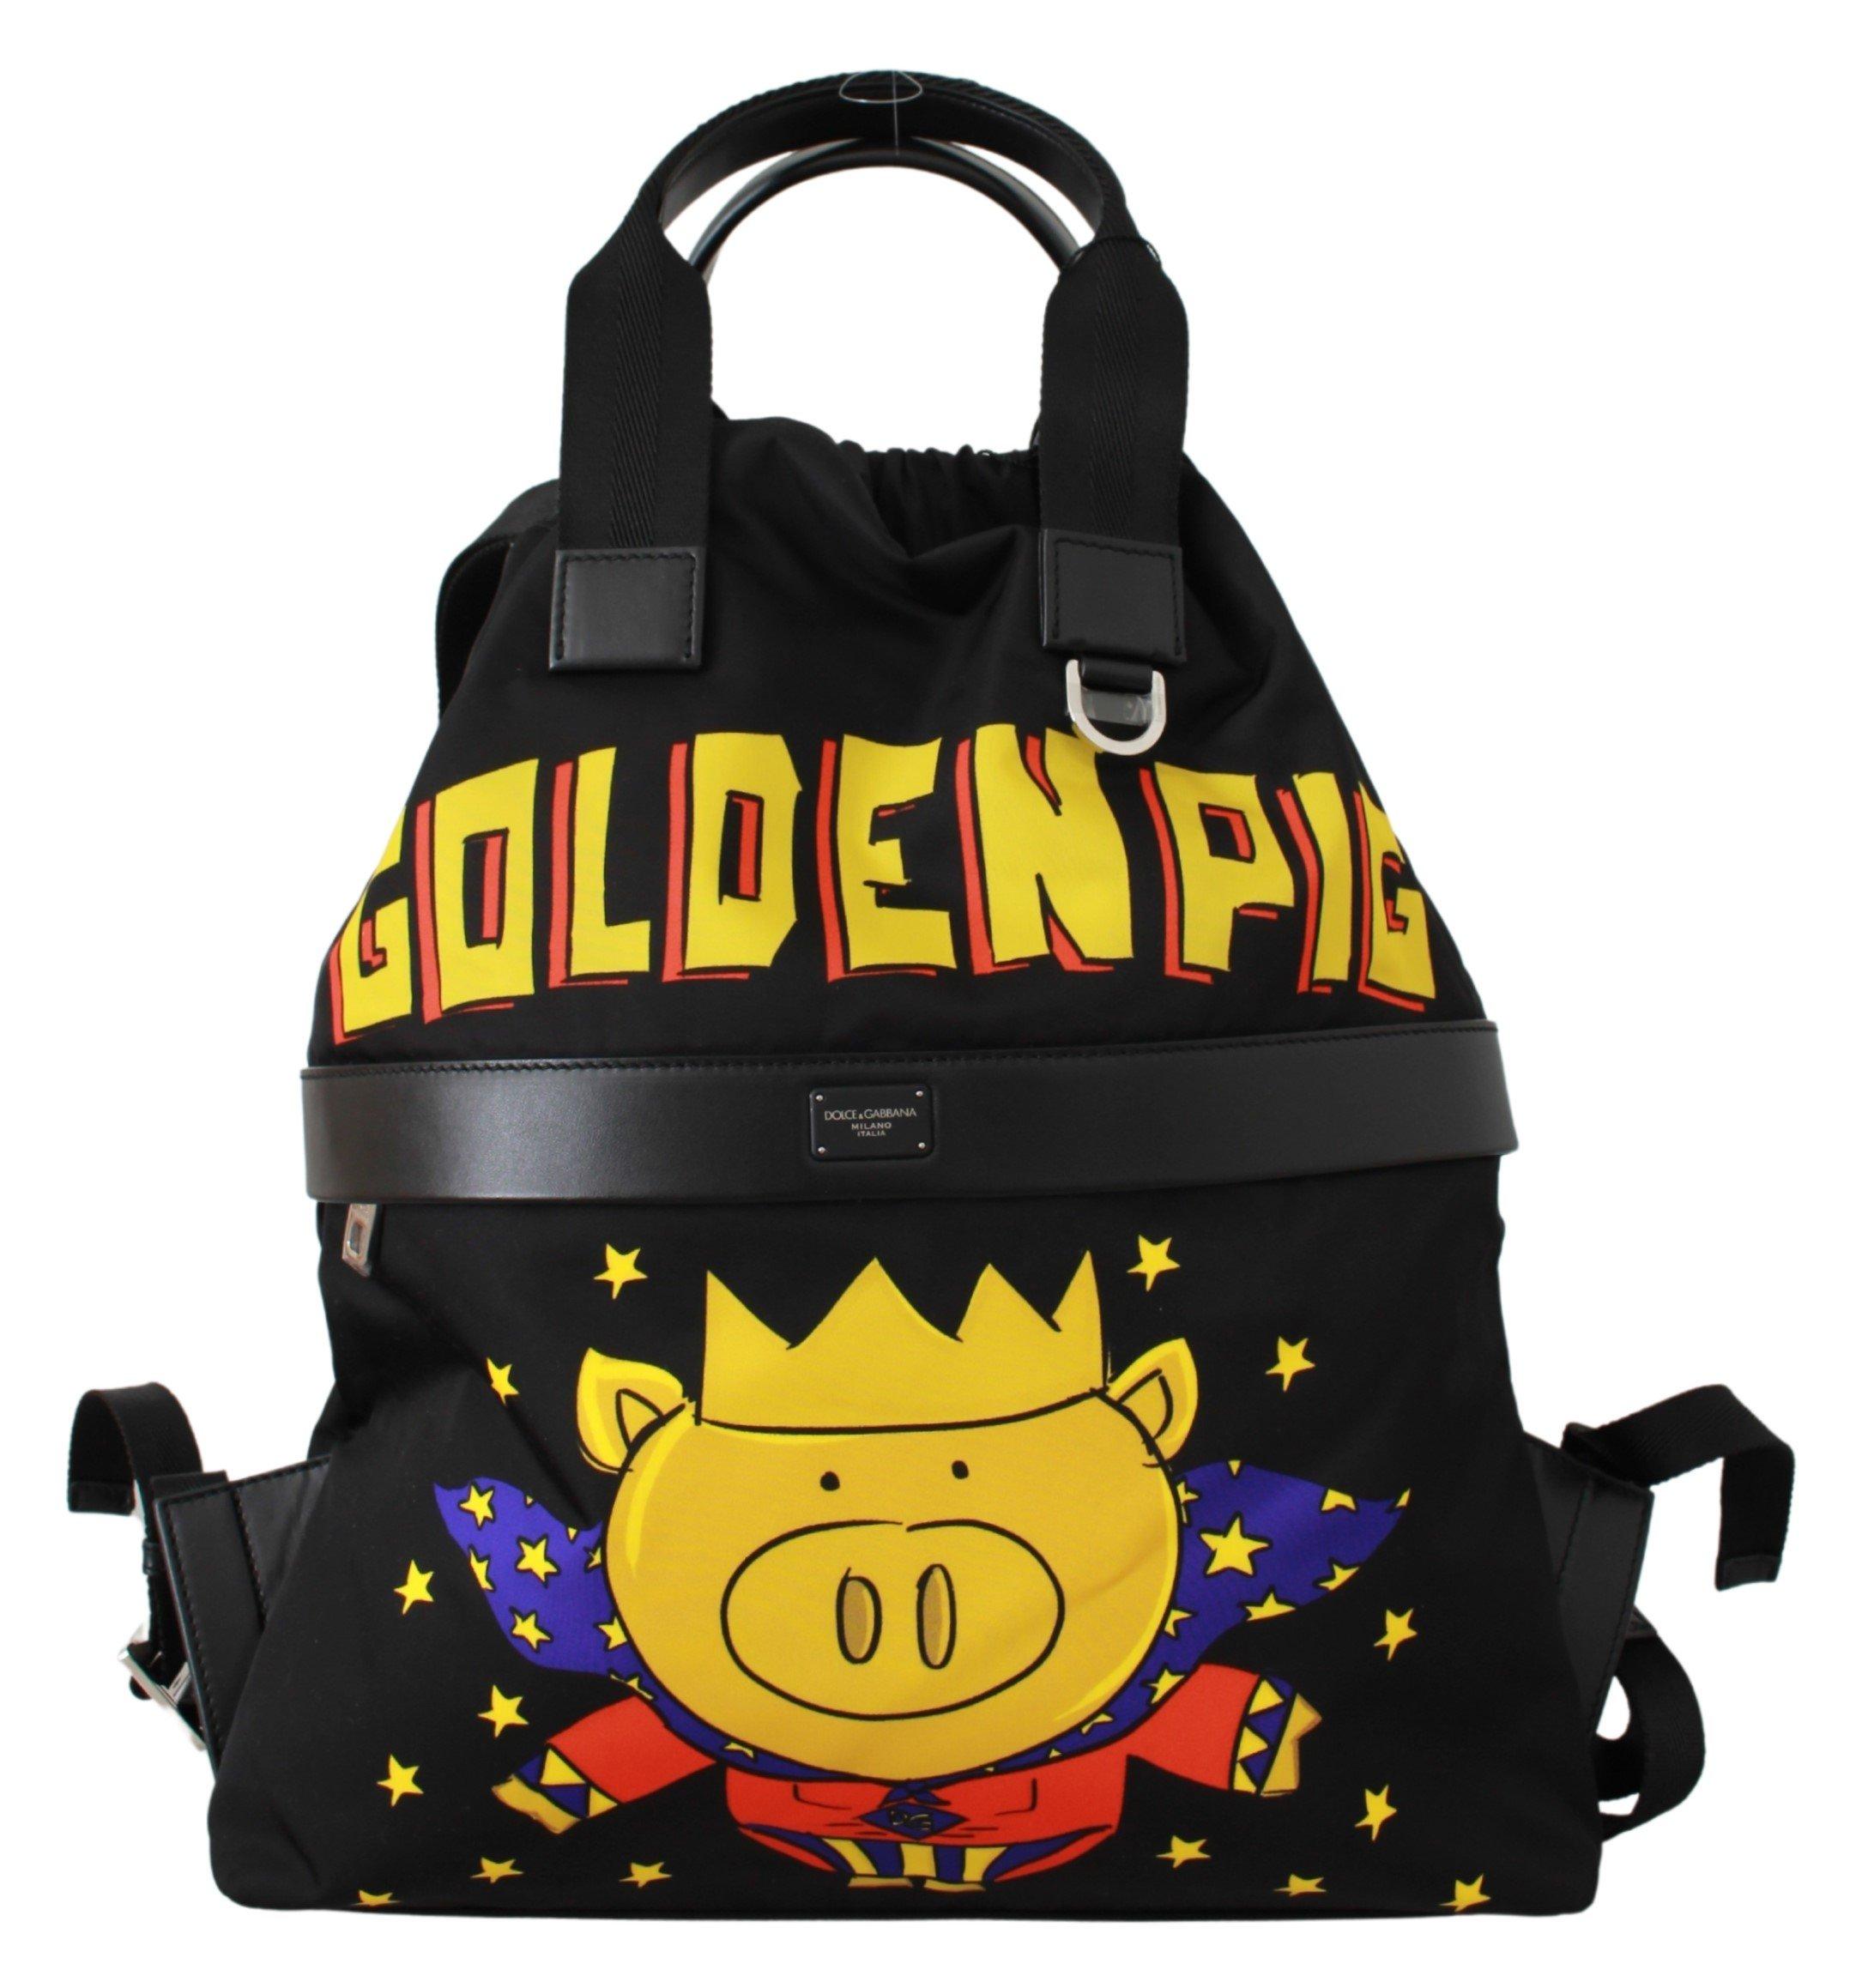 Dolce & Gabbana Men's Super Pig of the Year Backpack Black VAS9458